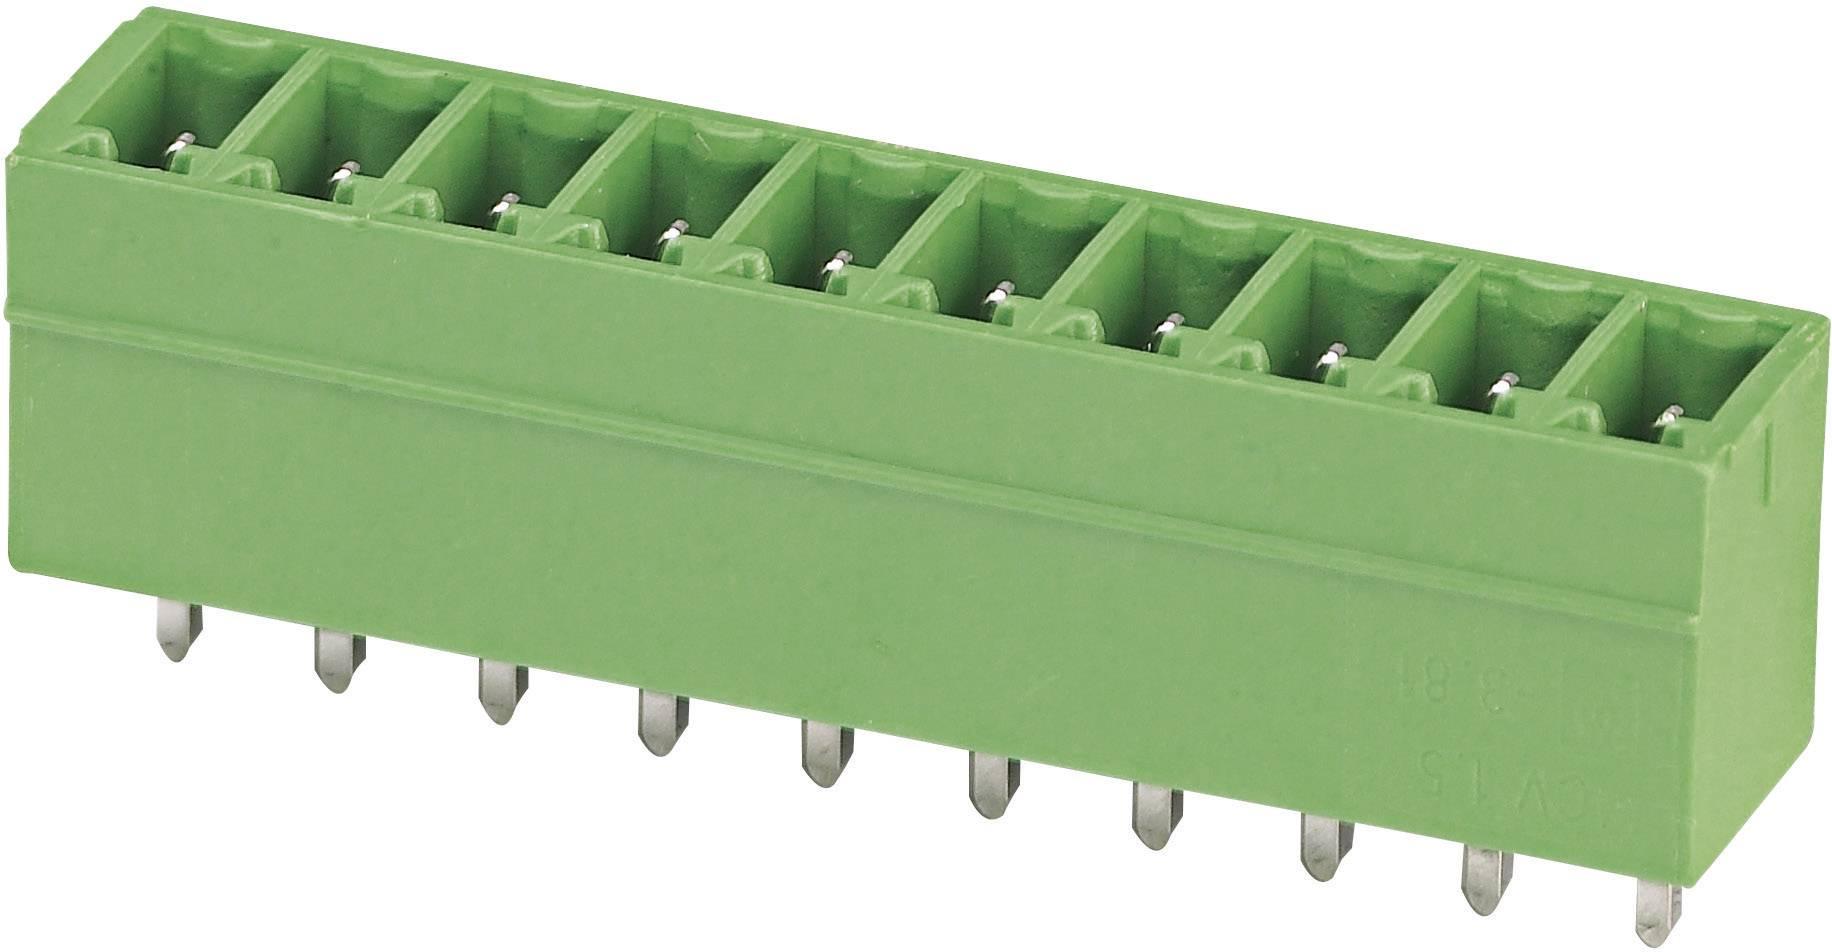 Svorkovnice 1řadá do DPS Phoenix Contact MCV 1,5/10-G-3,5 (1843680), 10pól., zelená